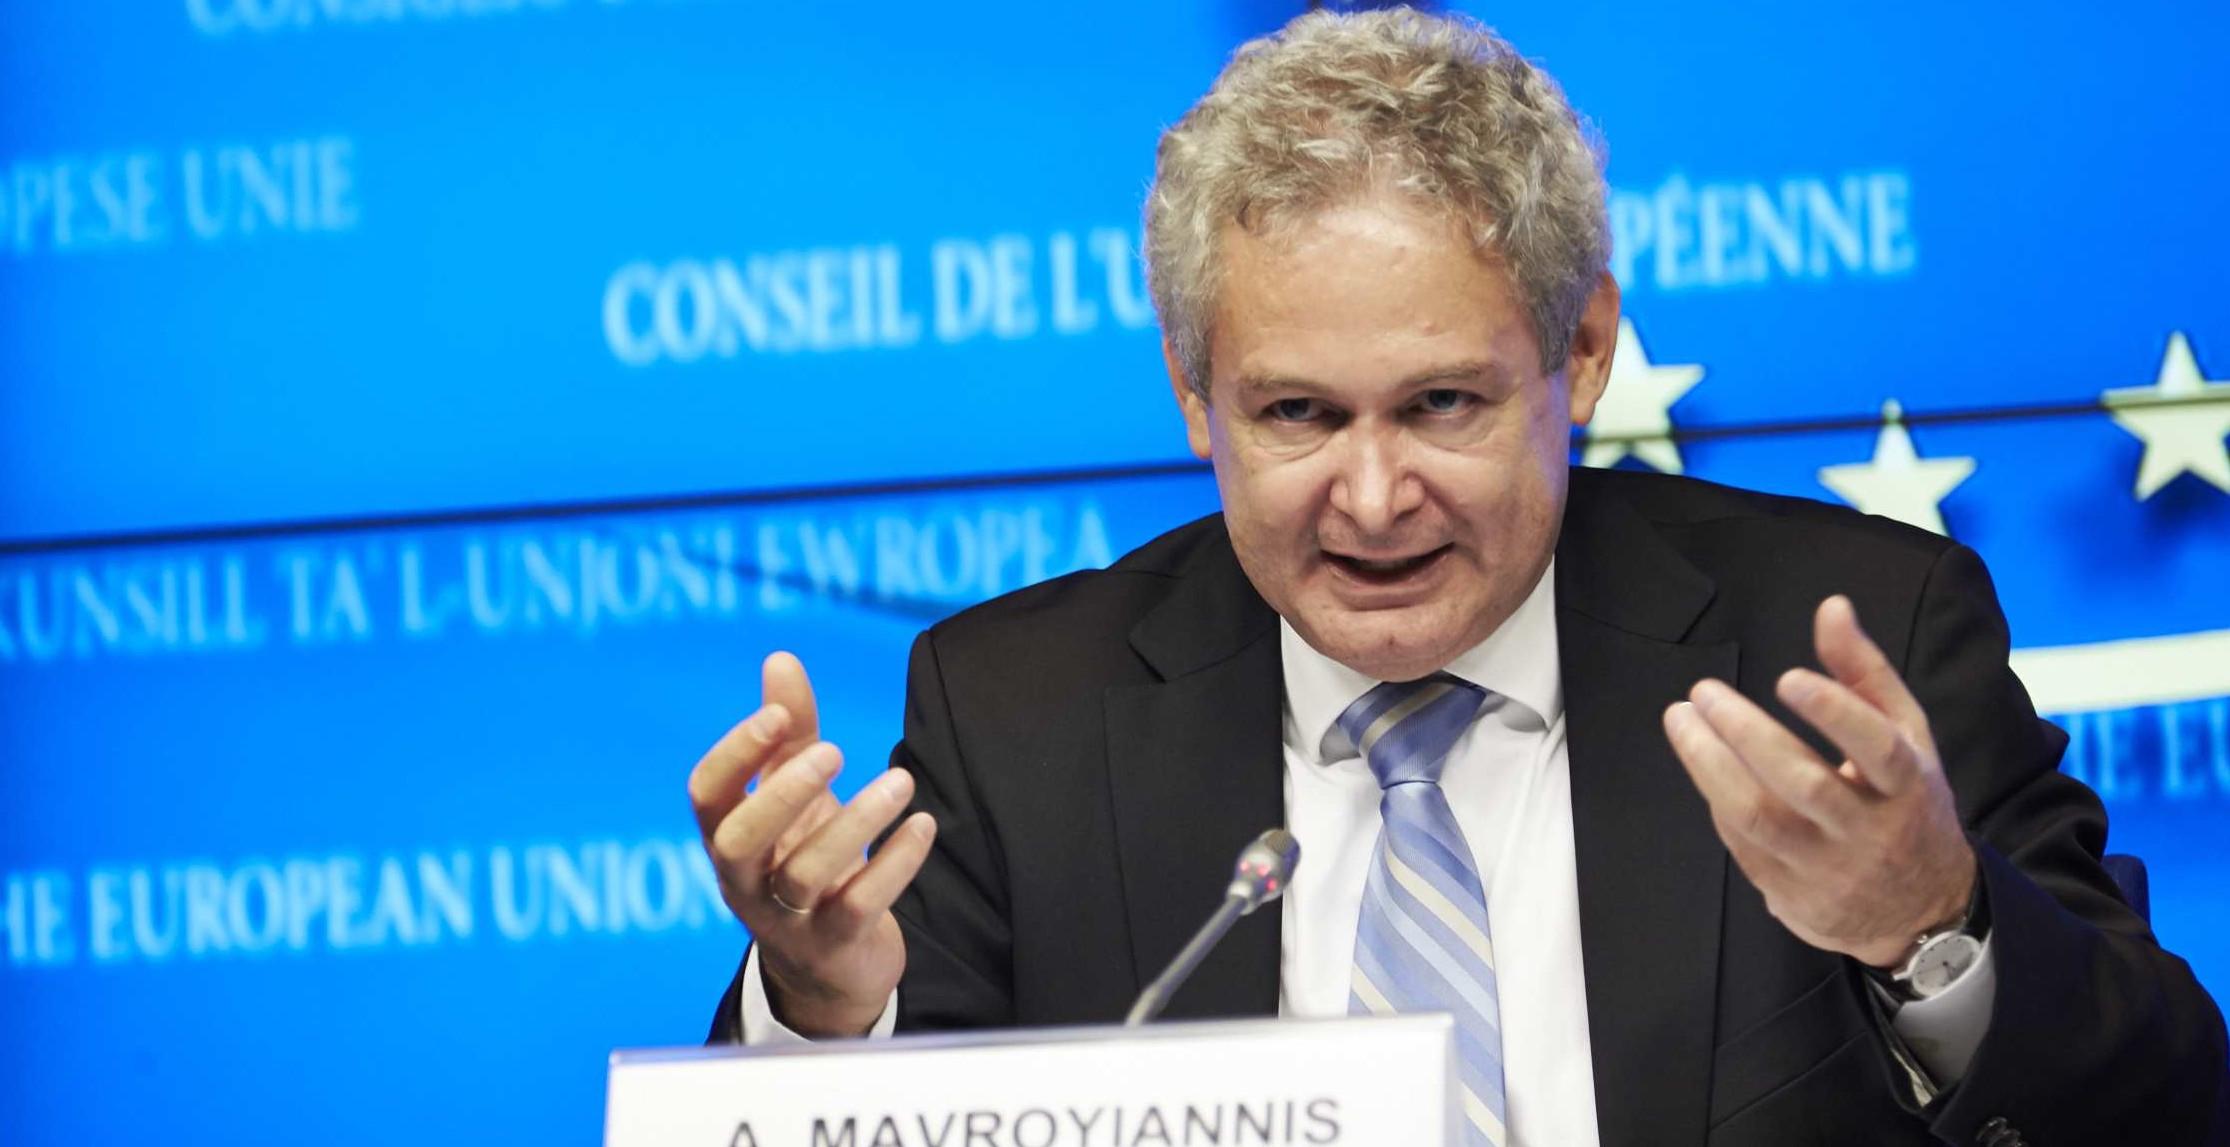 Mavroyannis; Türkiye Kıbrıs'tan gitmeli